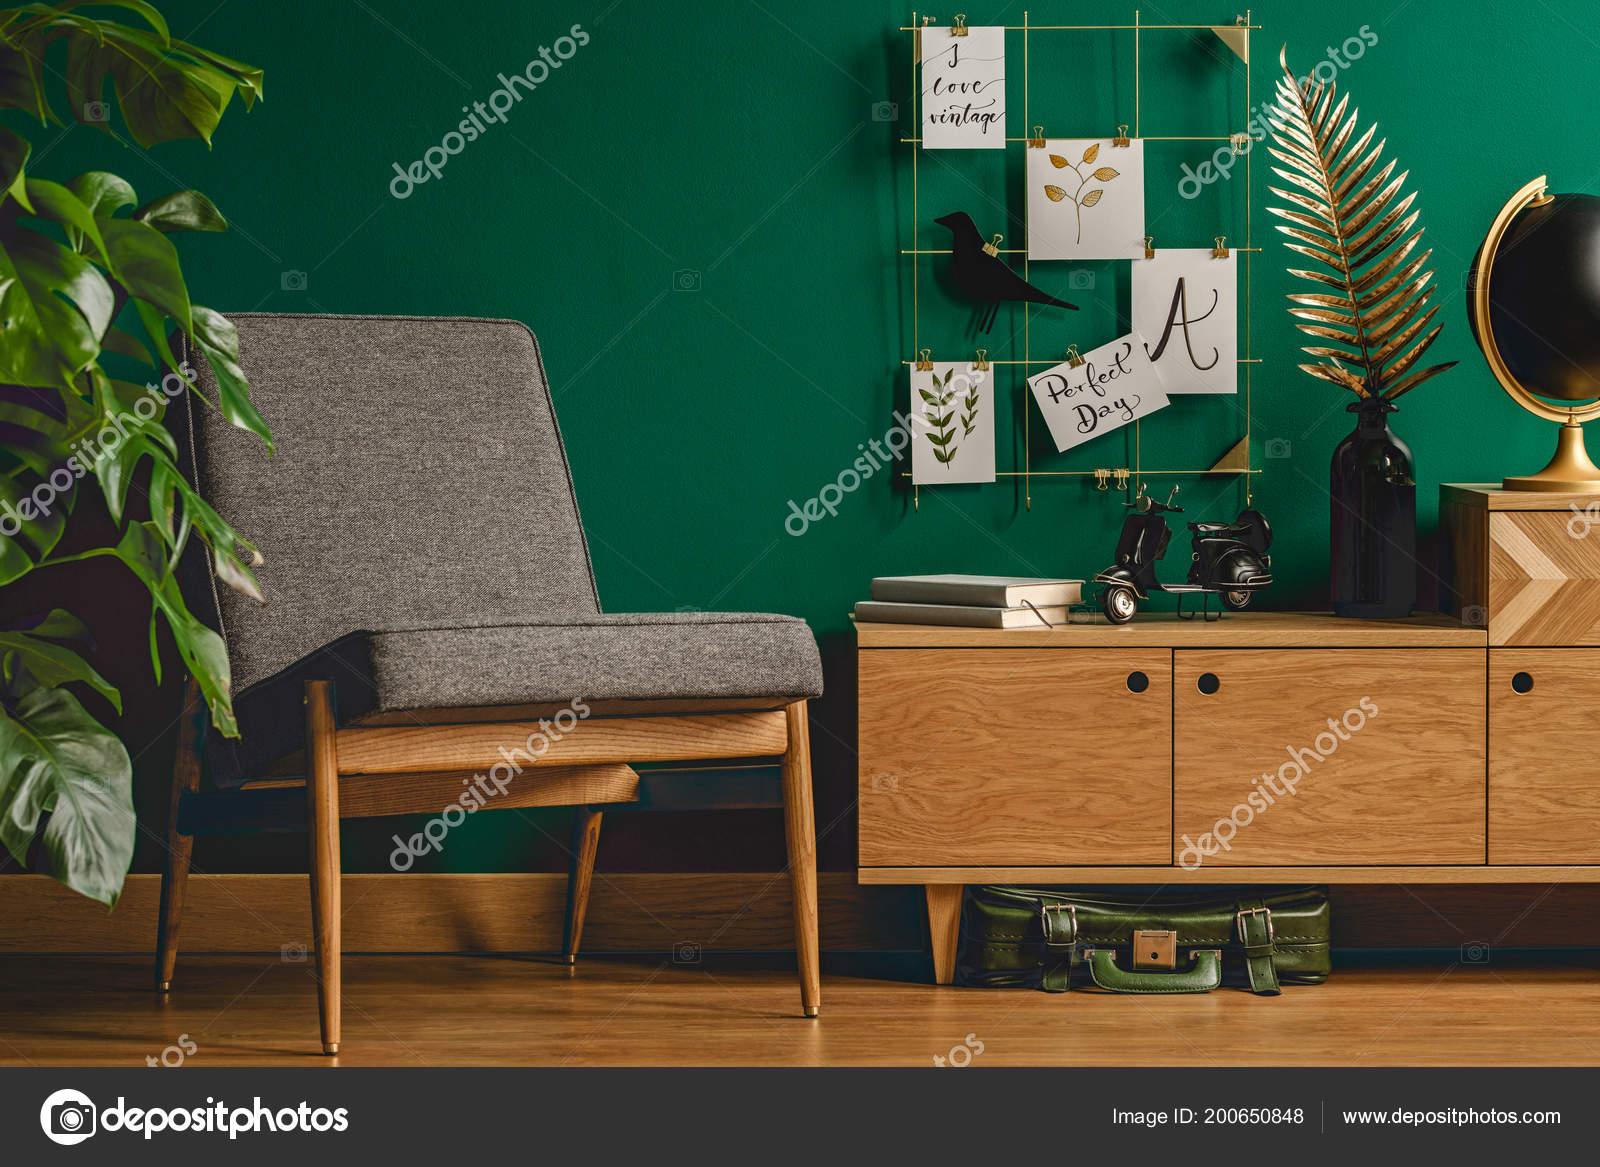 Gezellige Groene Retro Woonkamer Interieur Met Stoel Kast